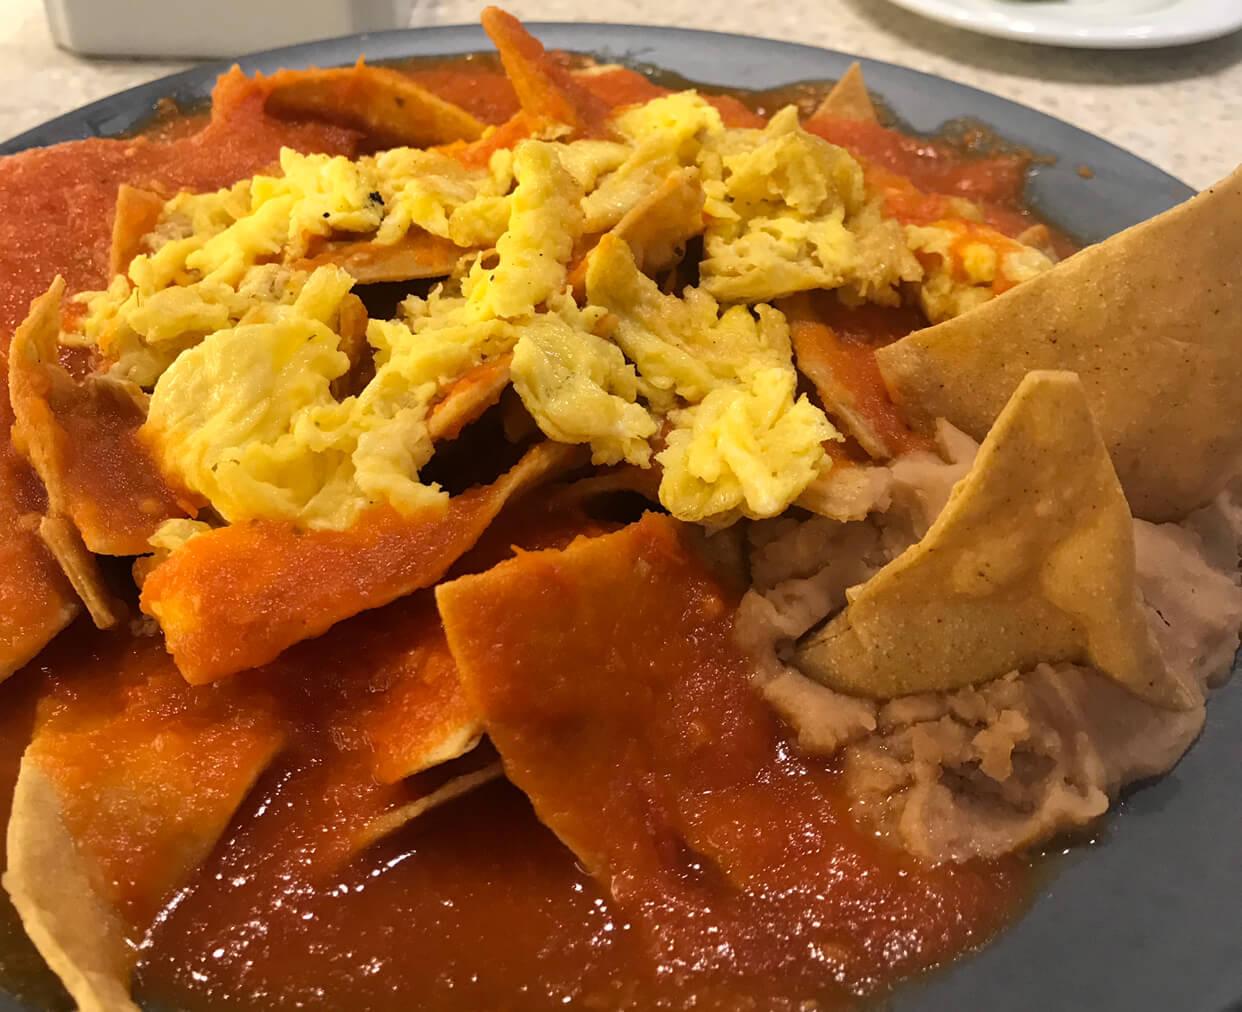 Order Vegetarian and Vegan Food in Spanish